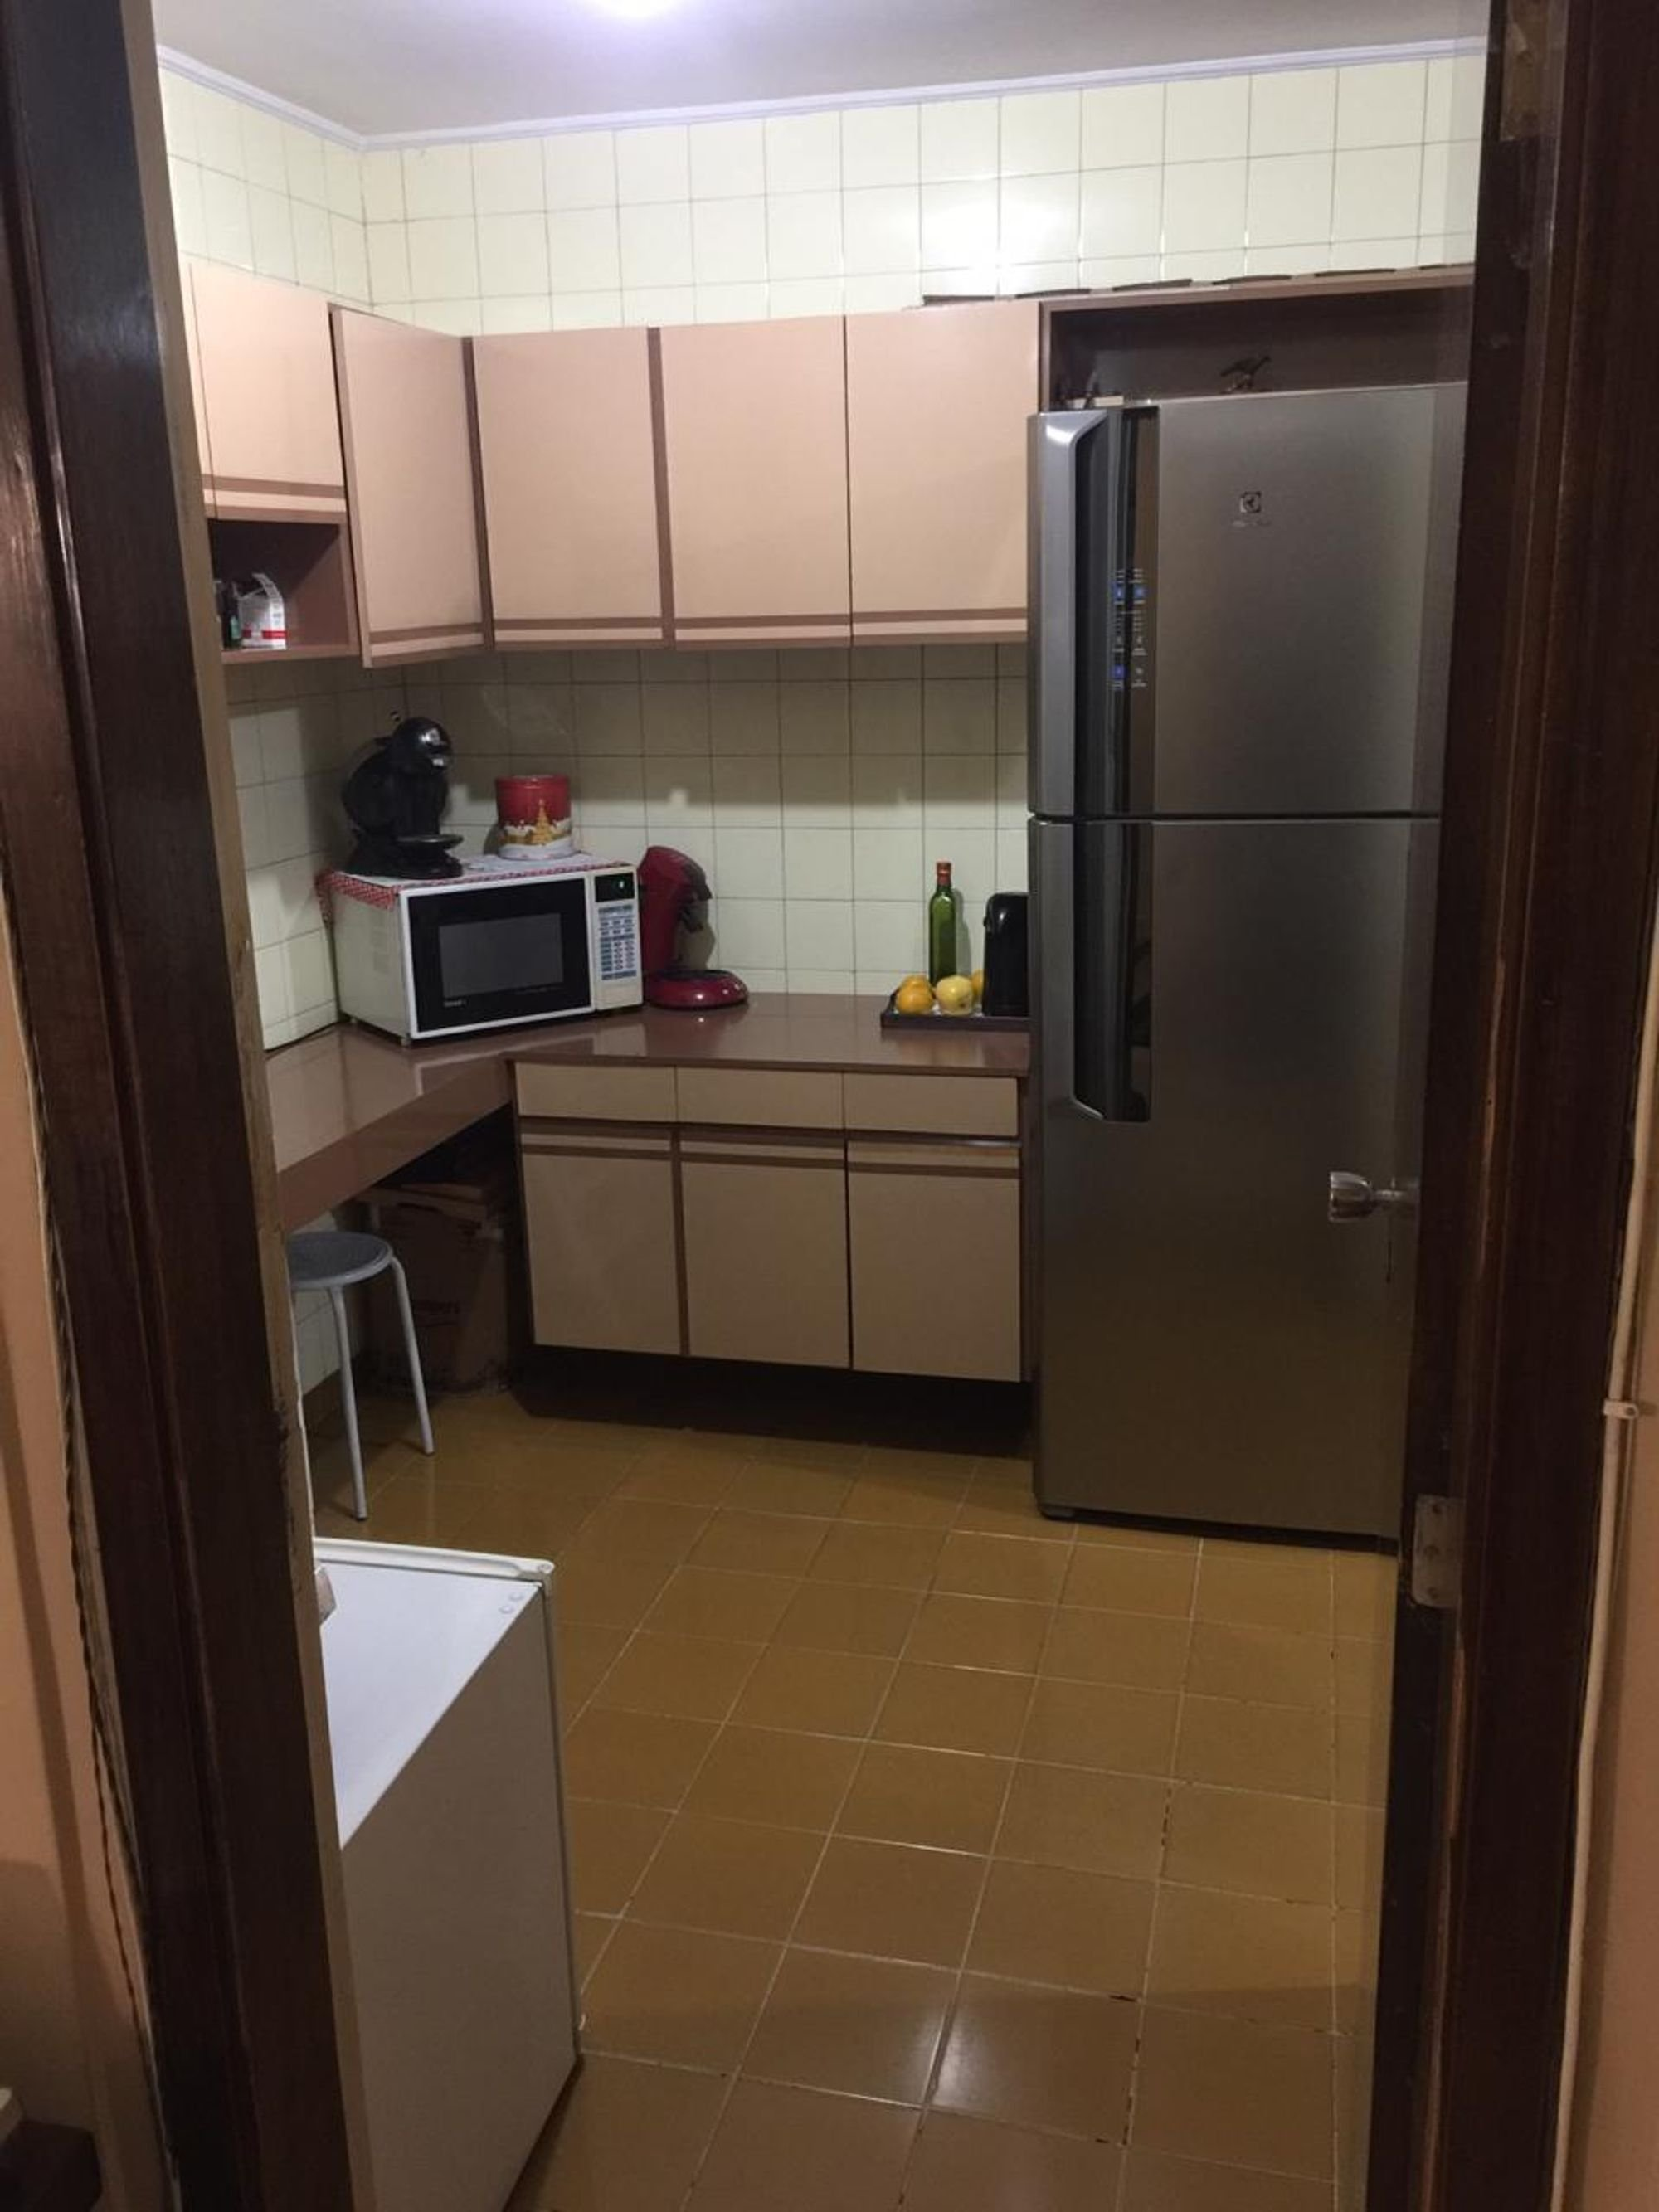 Foto de Cozinha com garrafa, geladeira, cadeira, microondas